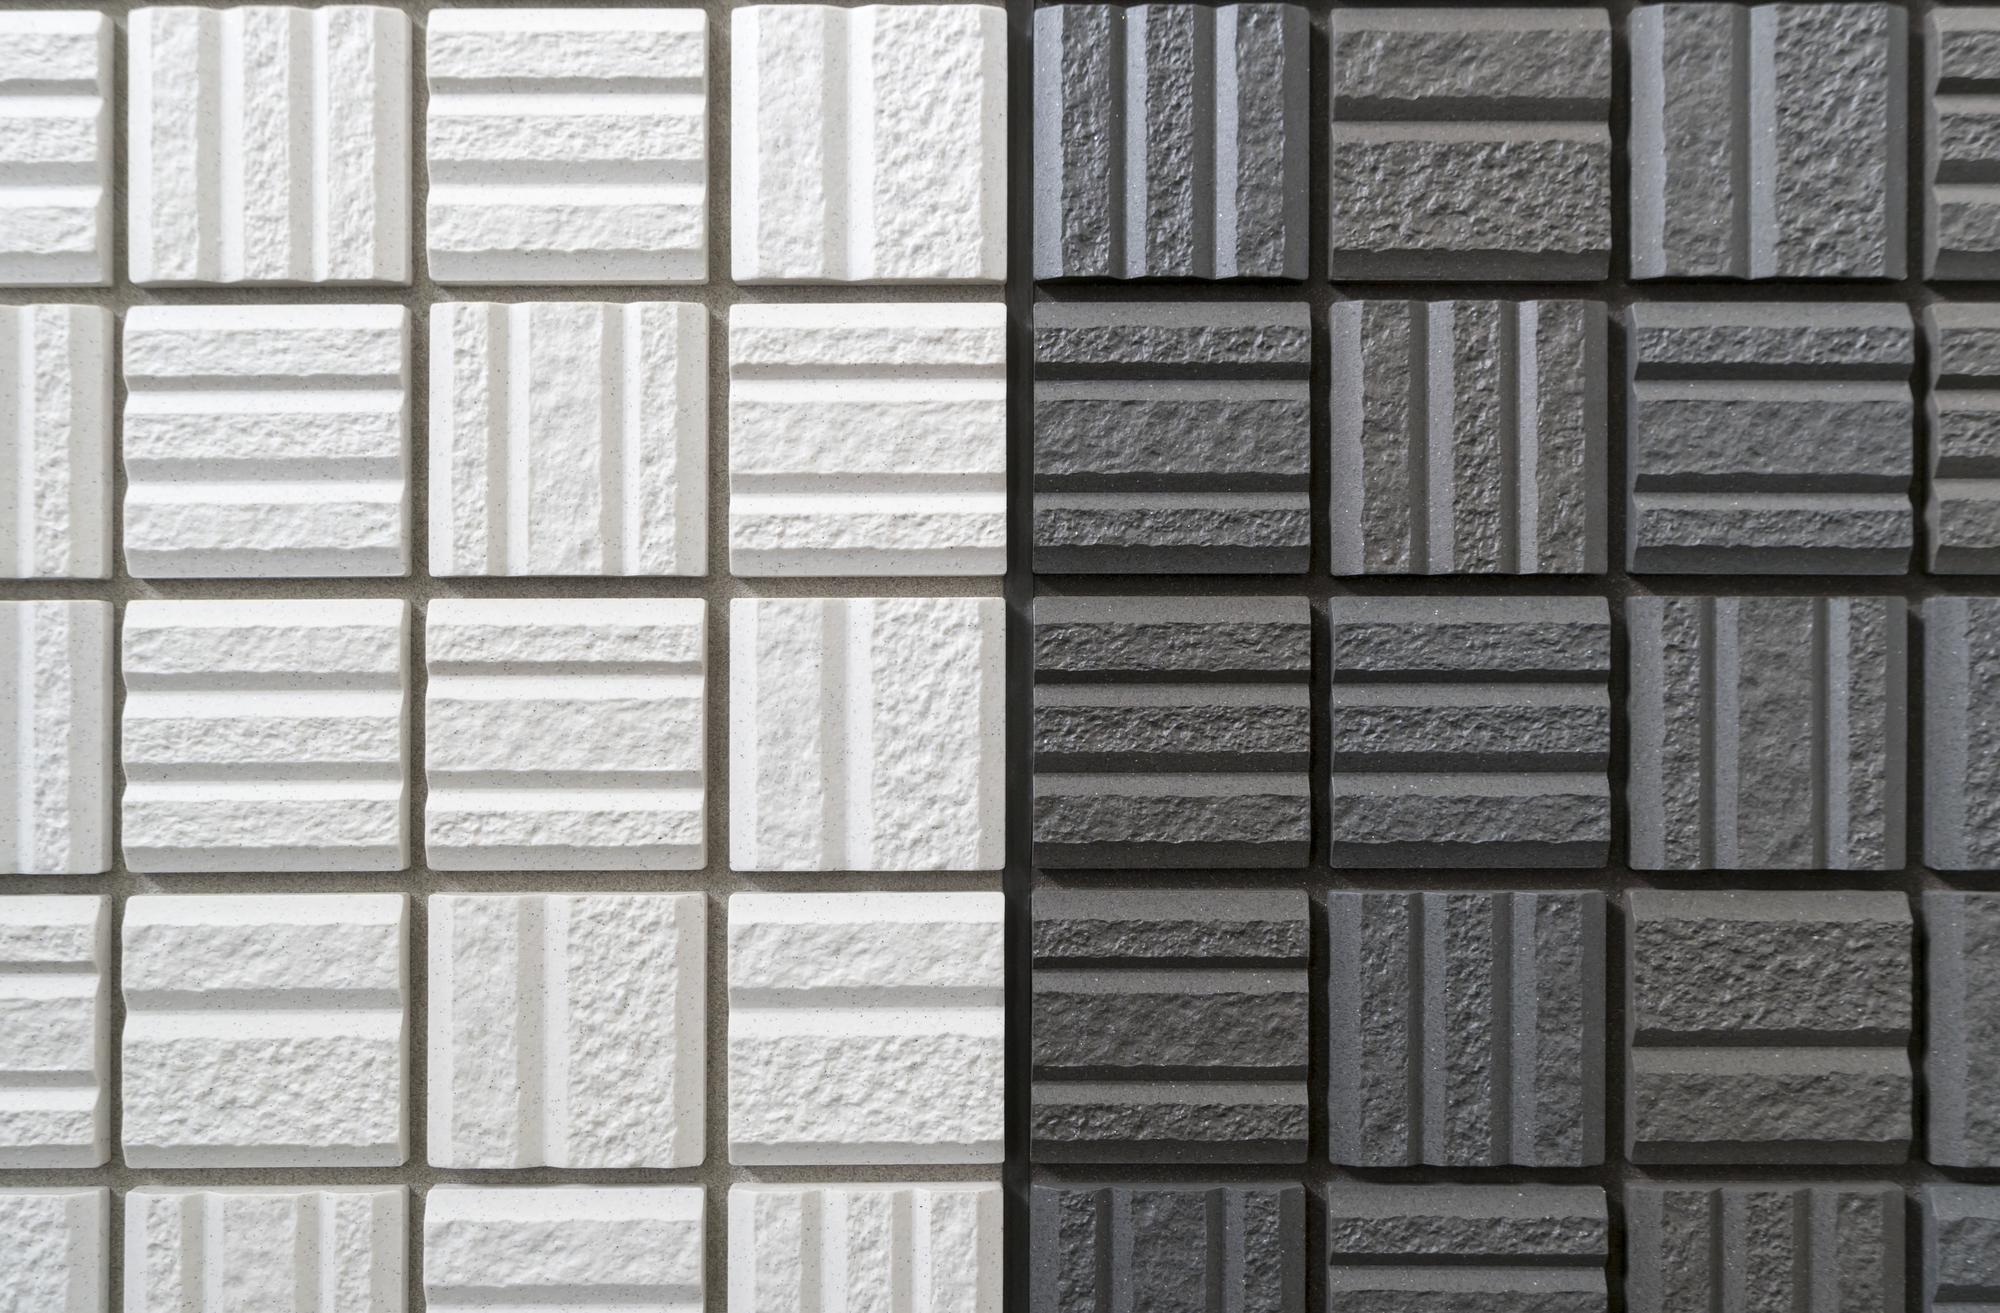 【専門家執筆】外壁材にはどんな種類があるの?各種類の特徴と選び方を解説